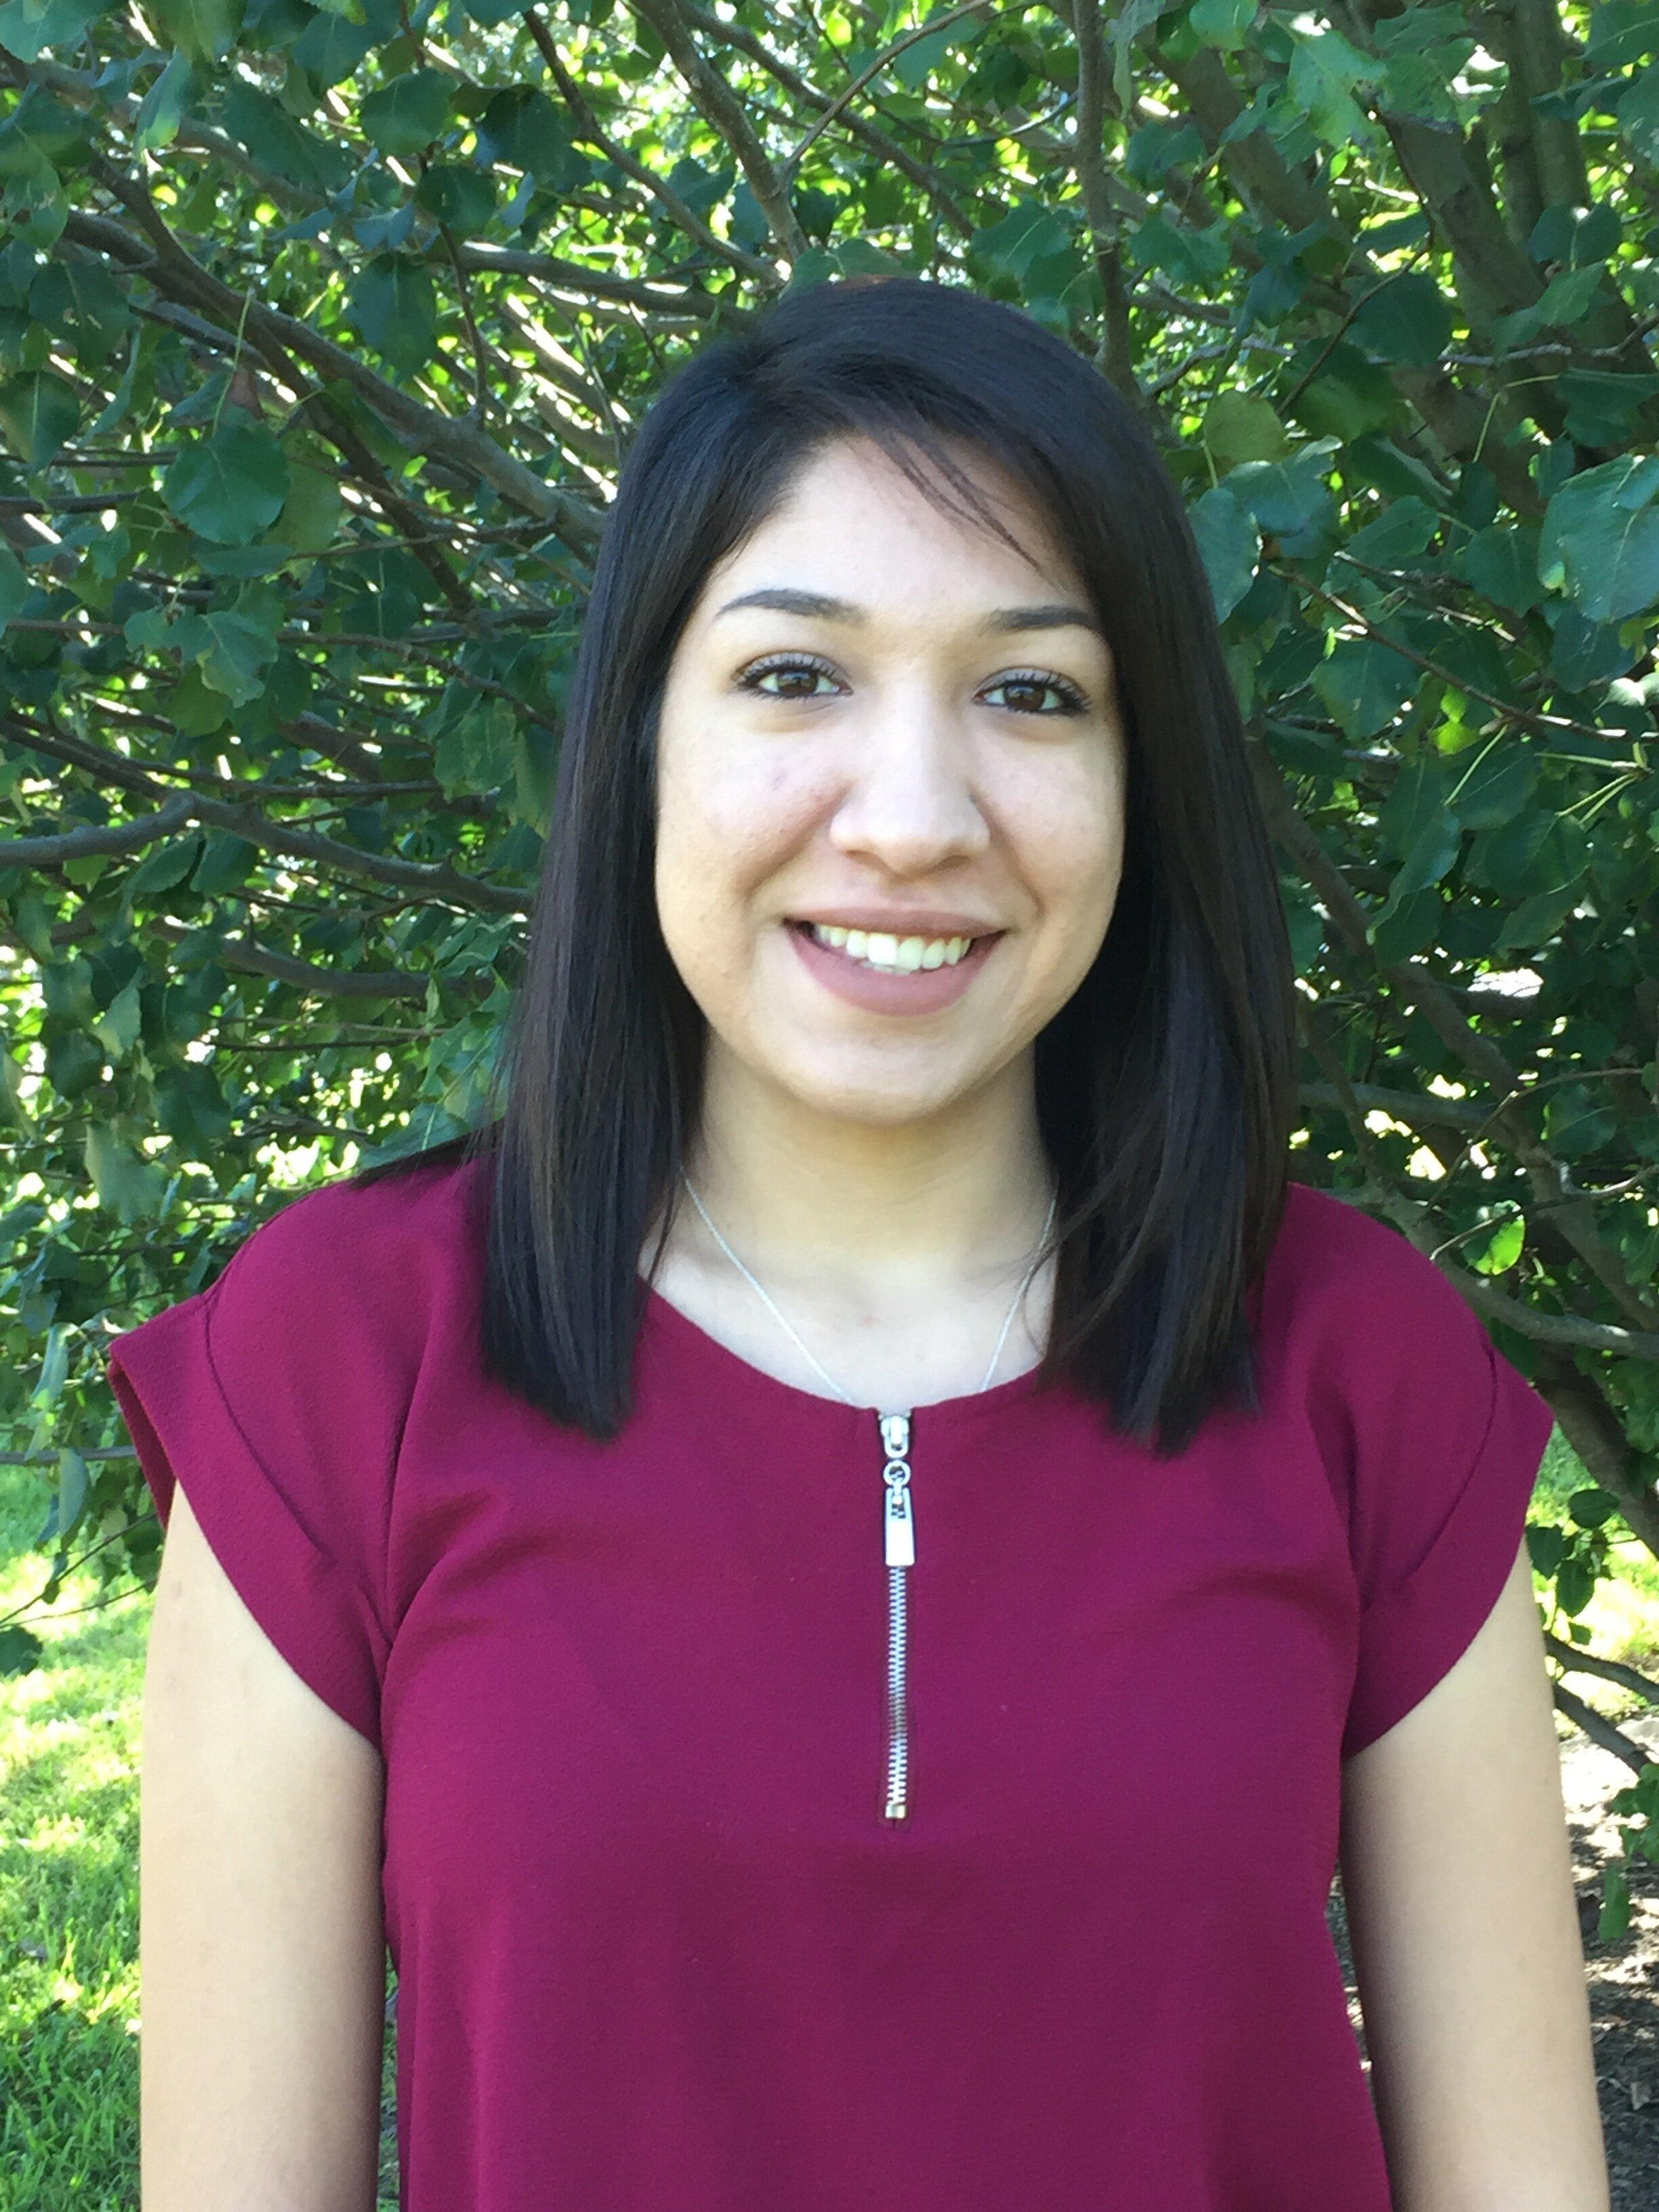 Karina Espinoza Web Pic.JPG